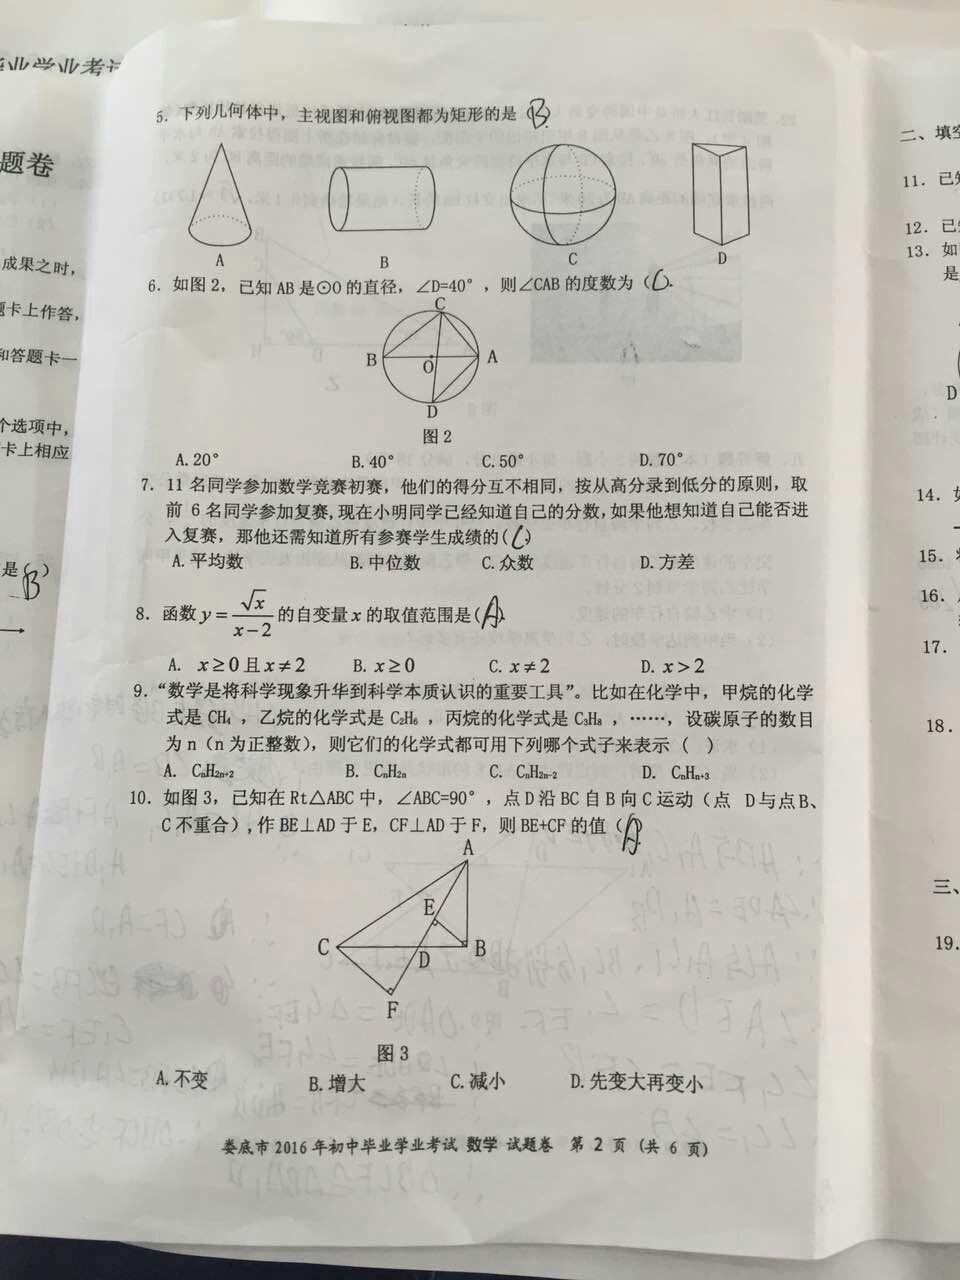 2016年湖南娄底中考数学真题试题(图片版)